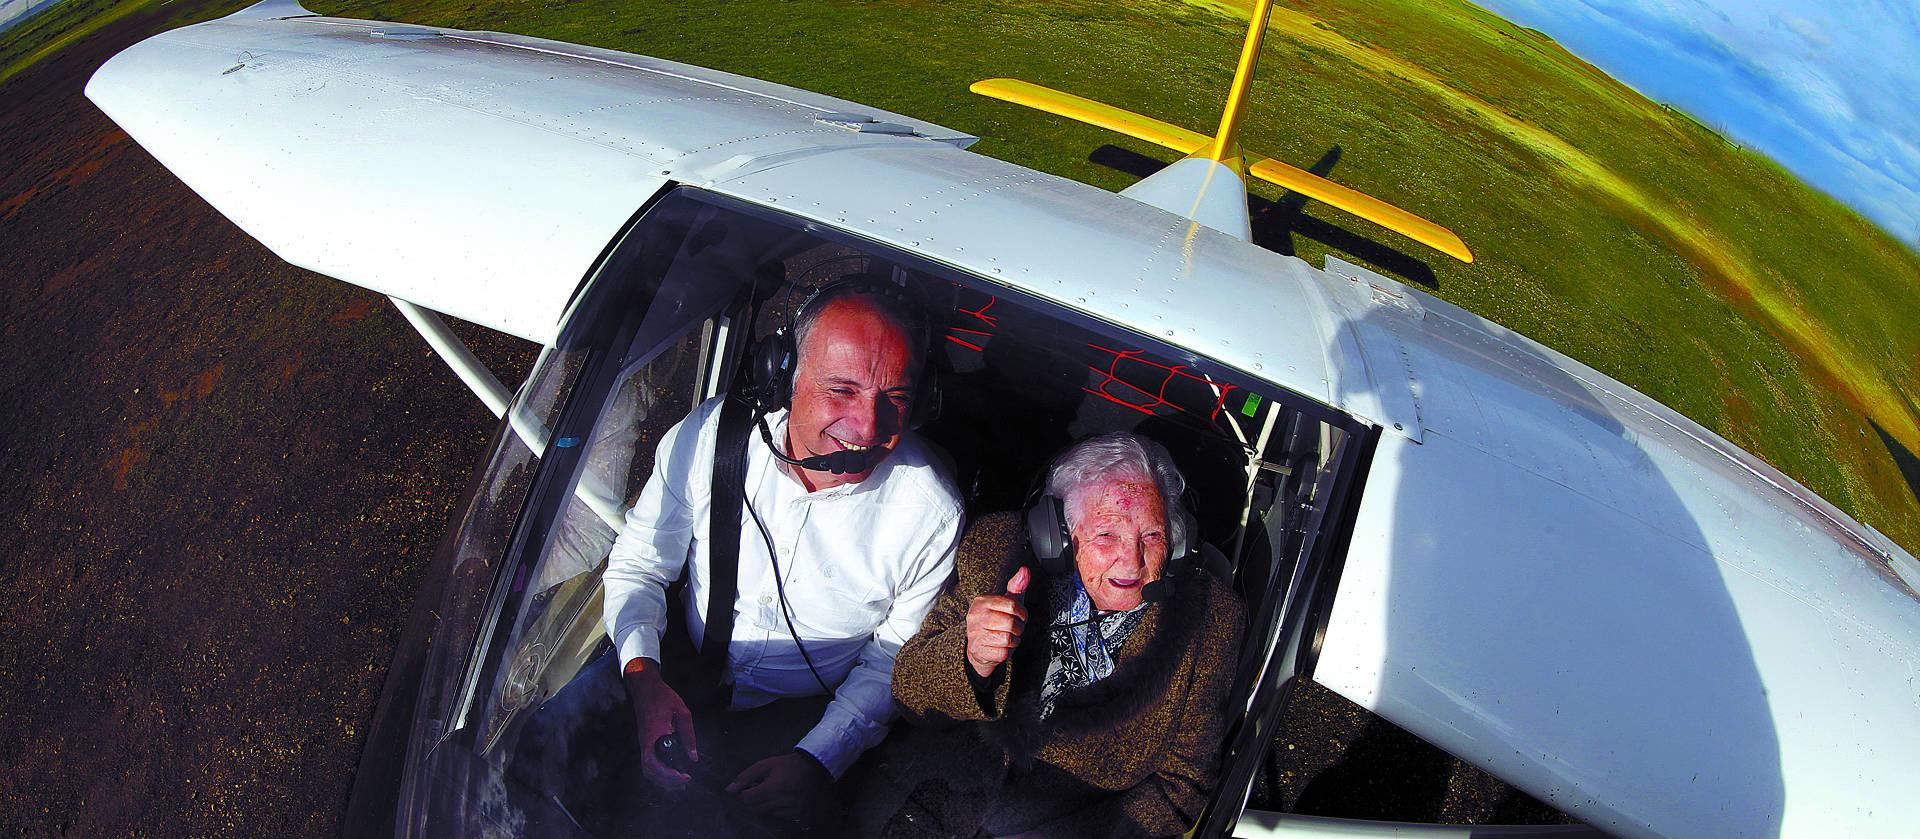 El instructor de 1903 Escuela de Vuelo, Rudi Ortiz Besga, y su copiloto,  Pilar Martínez Sesma, de 90 años, sobrevolaron principalmente la Bardena y Caparroso.